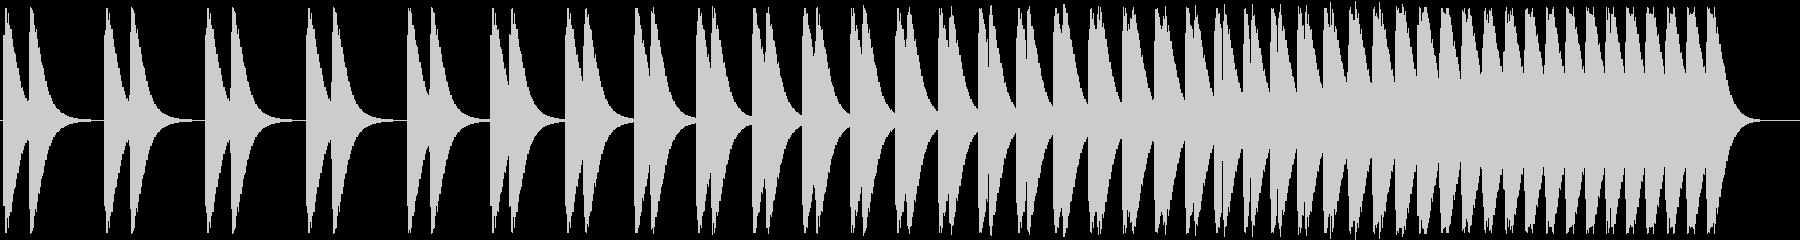 心臓の音(速くなる)の未再生の波形